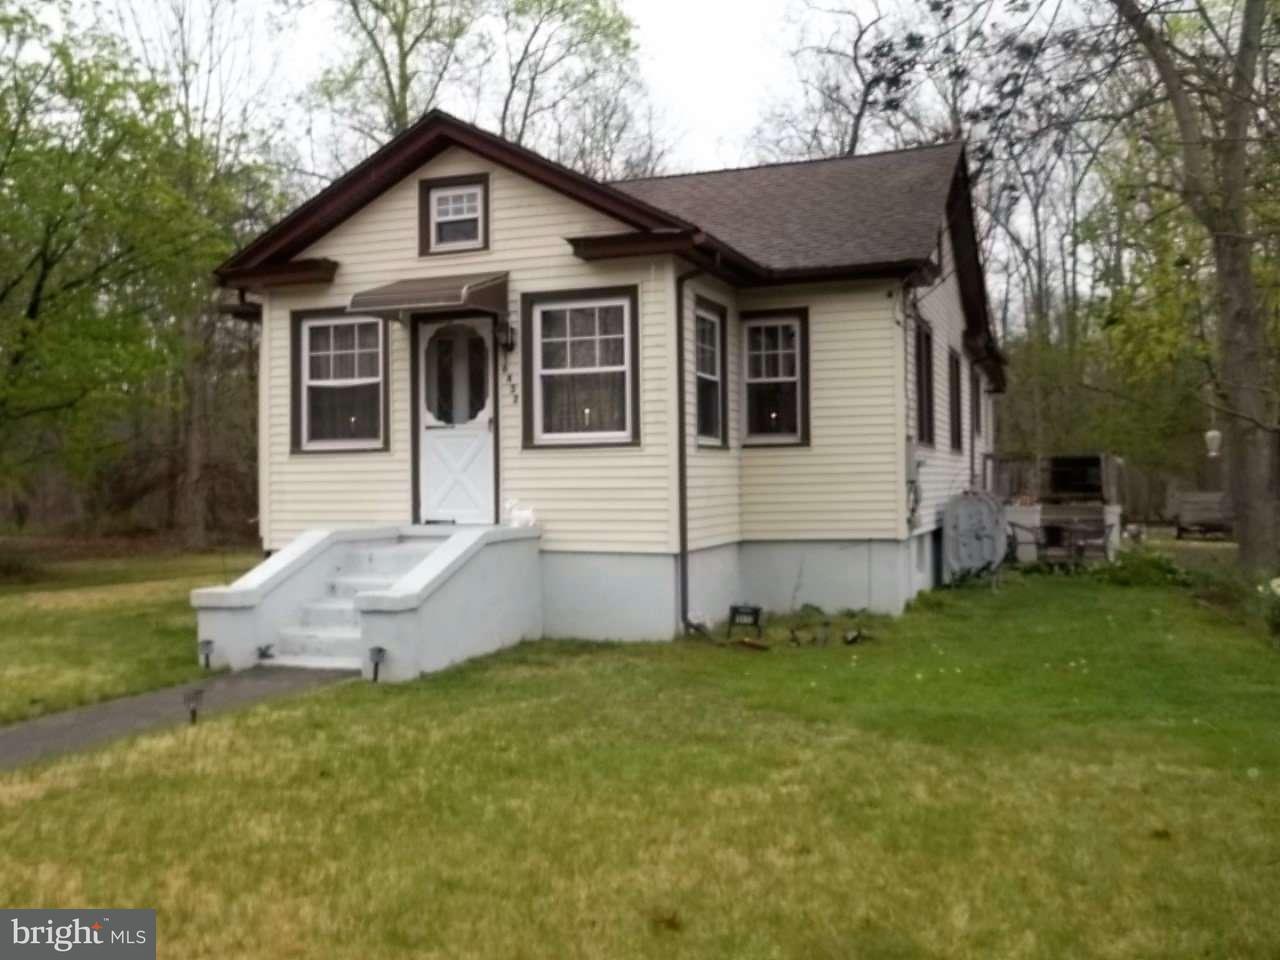 独户住宅 为 销售 在 6432 DEHIRSCH Avenue Mizpah, 新泽西州 08342 美国在/周边: Hamilton Township